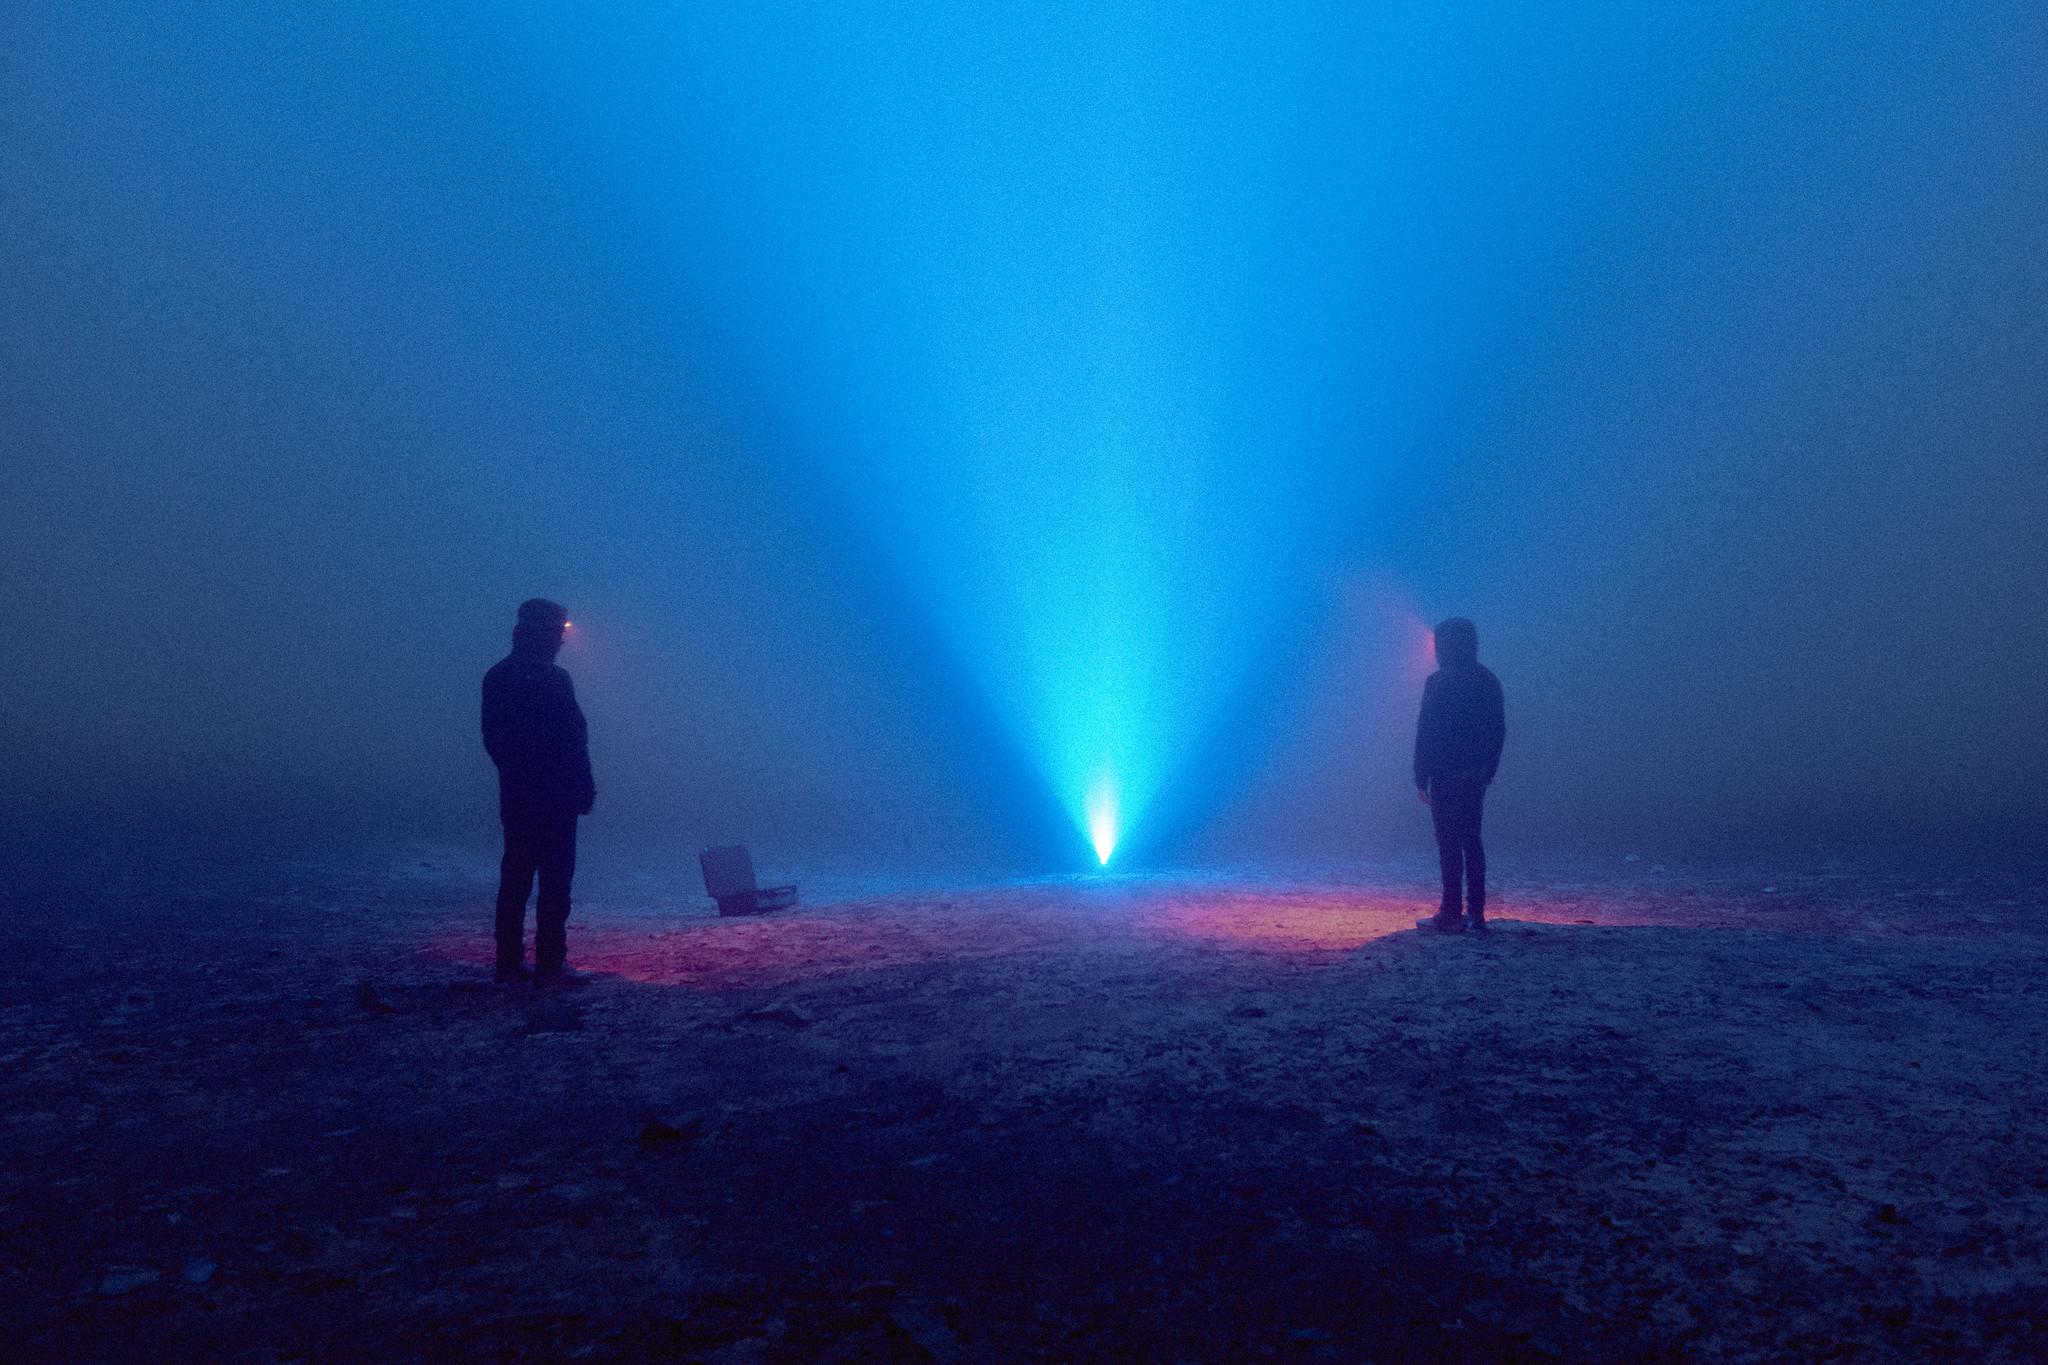 Mauricio Lacrampette y Sebastián Arriagada como parte de la participación de PRISMA Arte/Ciencia/Tecnología en Ars Electronica 2020